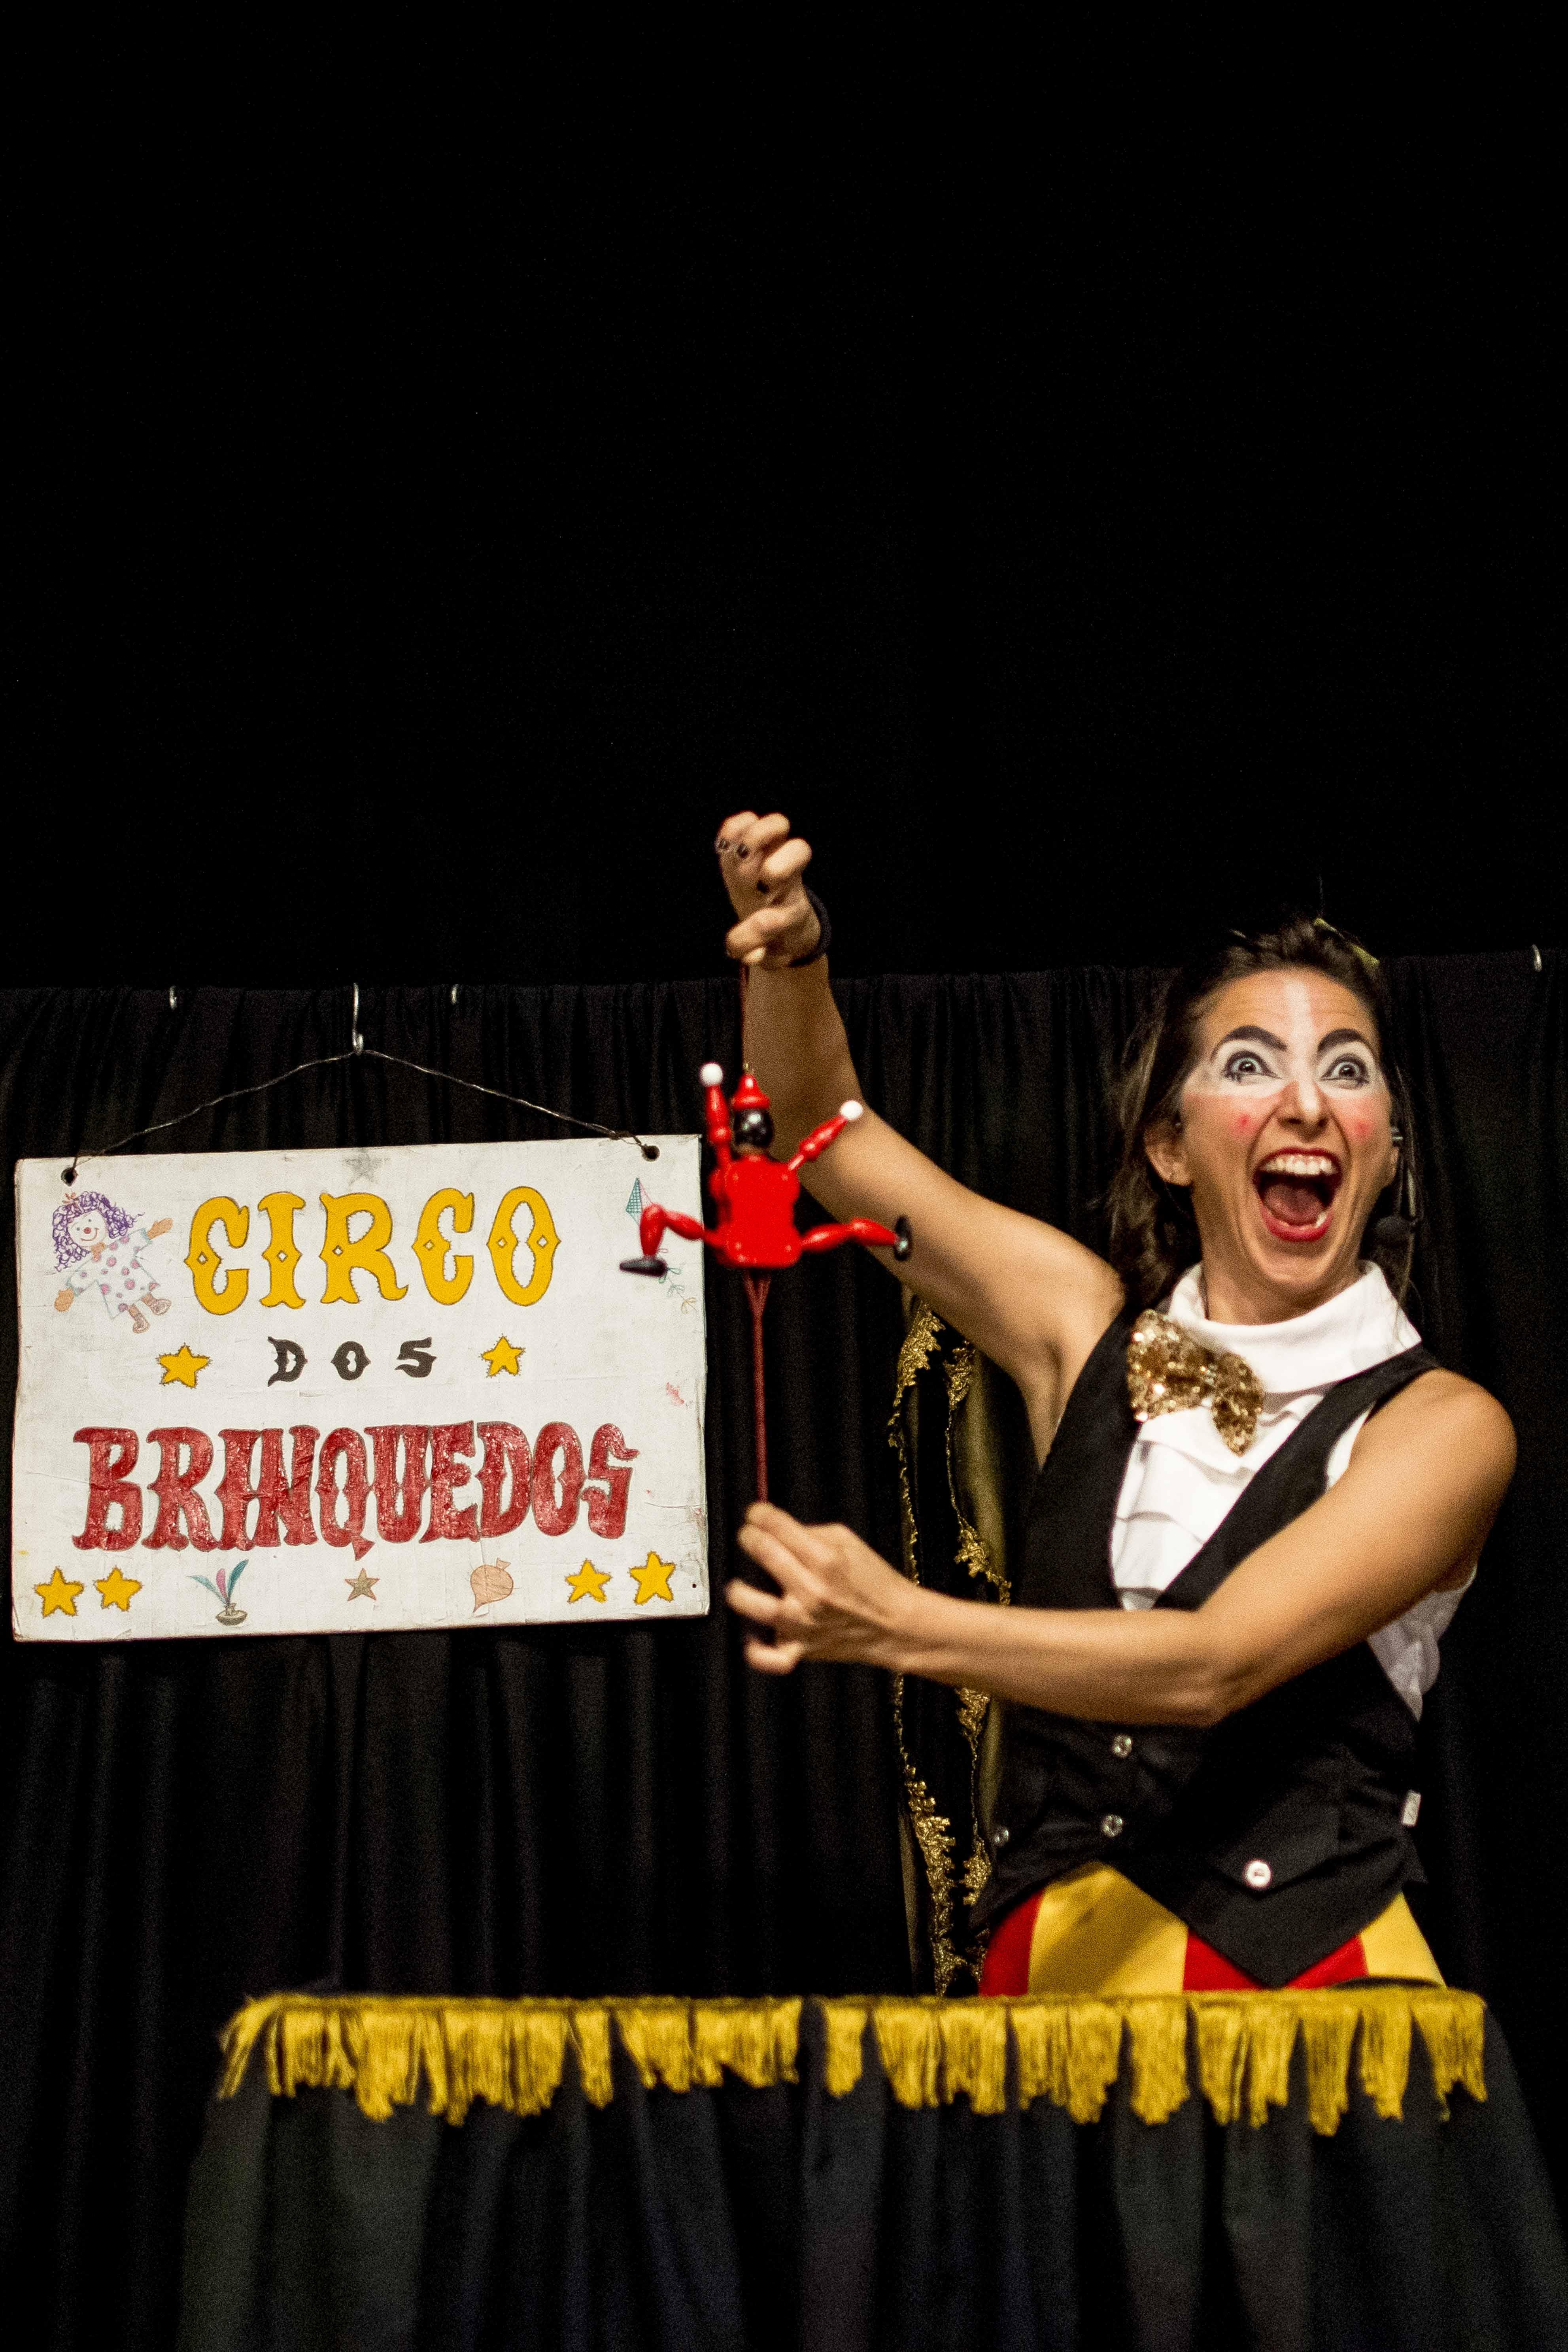 O circo entra em cena como entretenimento para a garotada no isolamento social